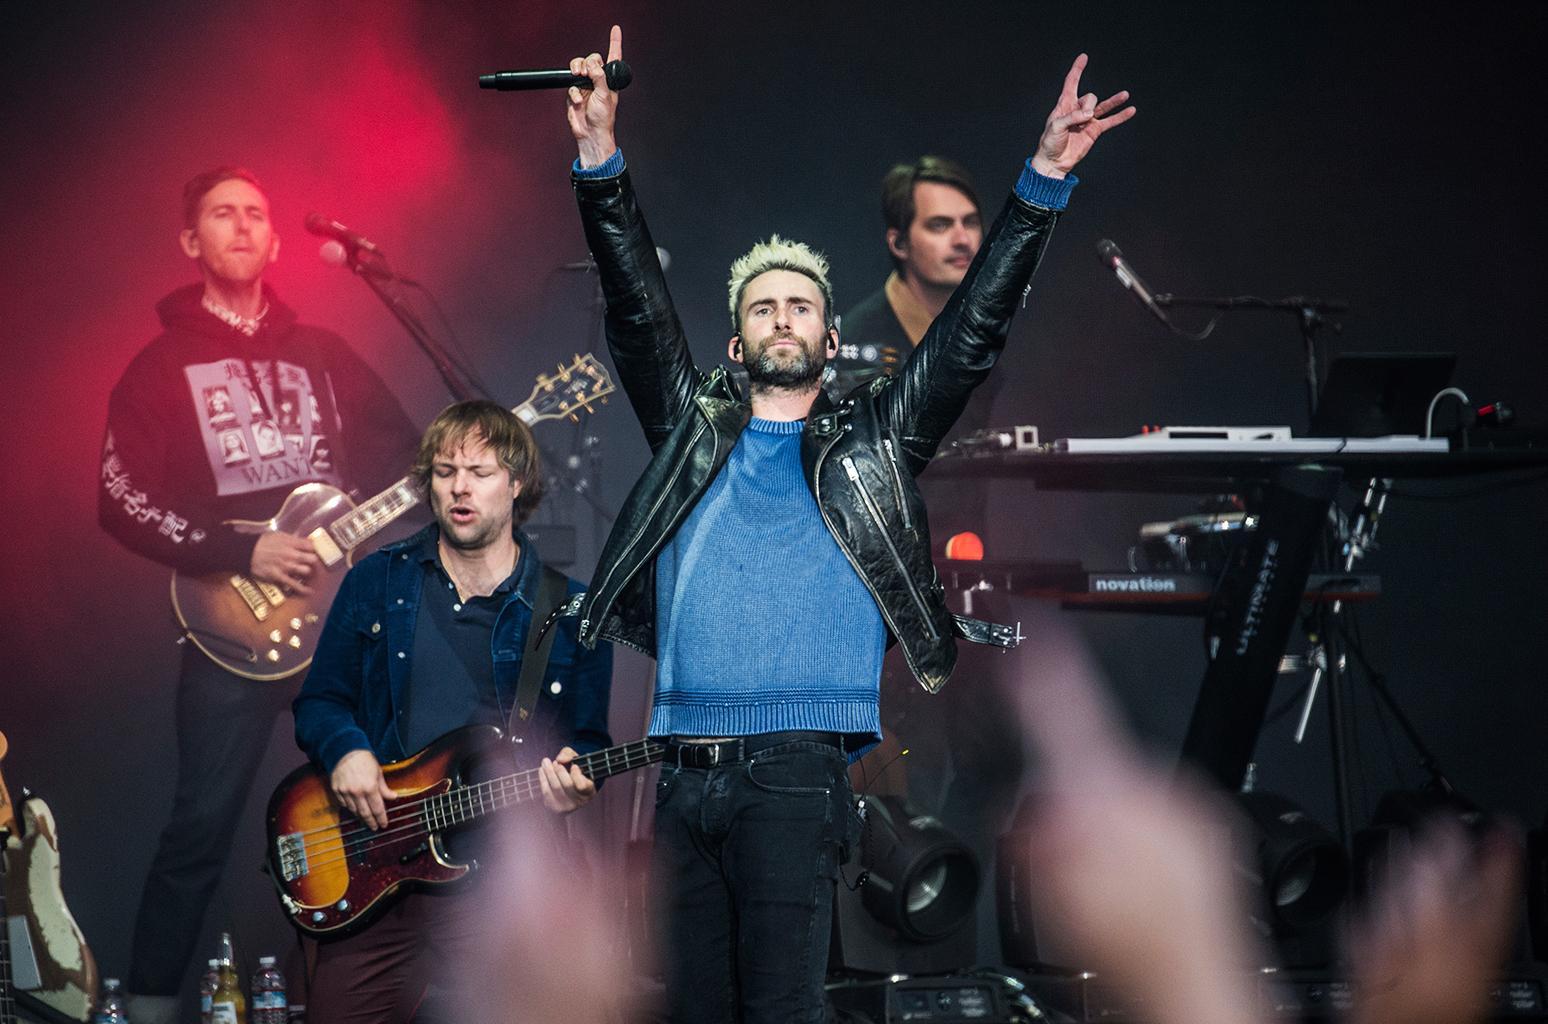 'Hola Ecuador', el mensaje en redes sociales que emocionó a los fans de Maroon 5